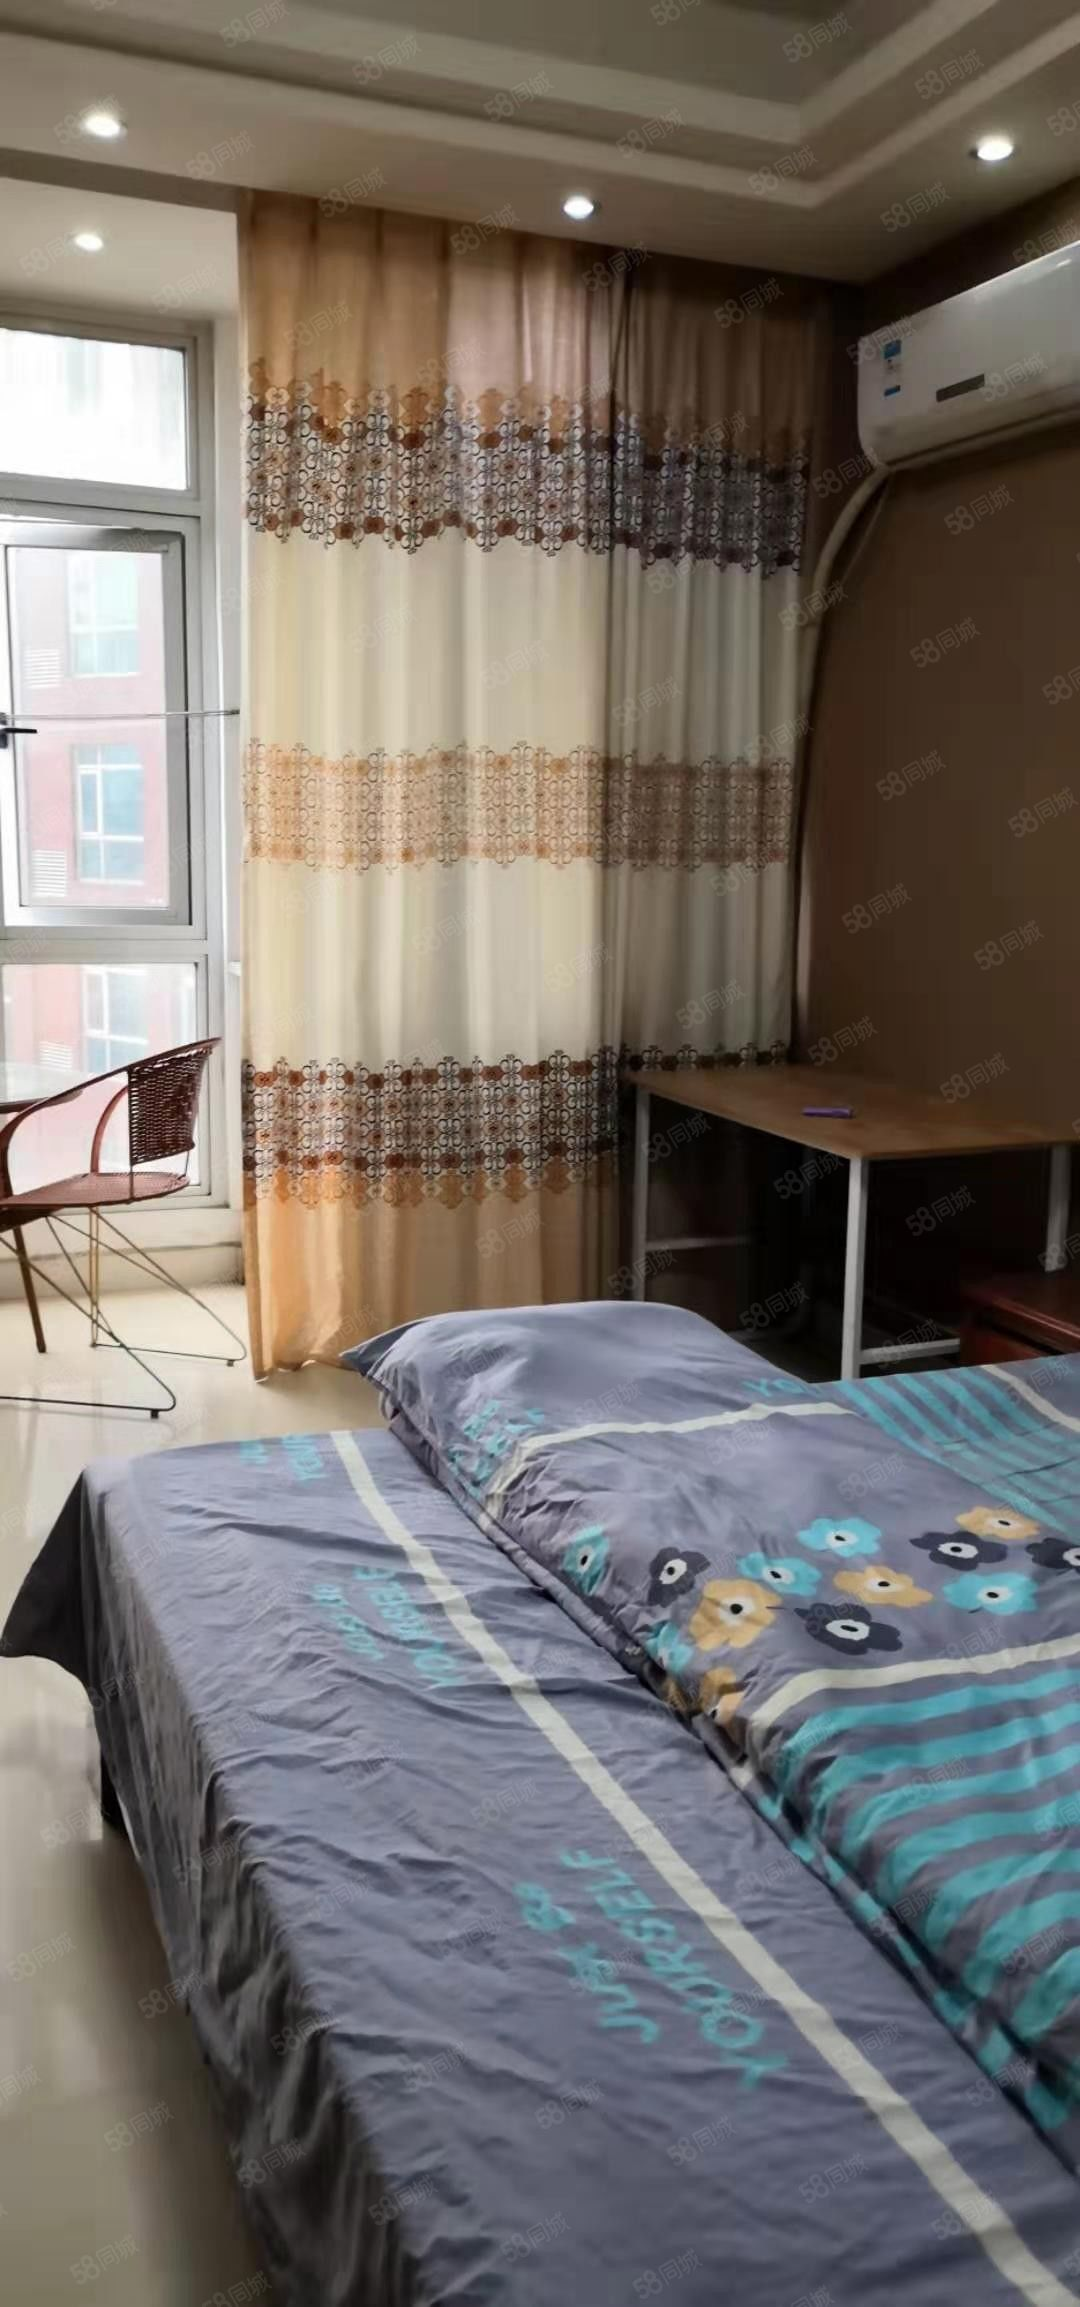 出租精装电梯公寓房家具家电齐全拎包入住